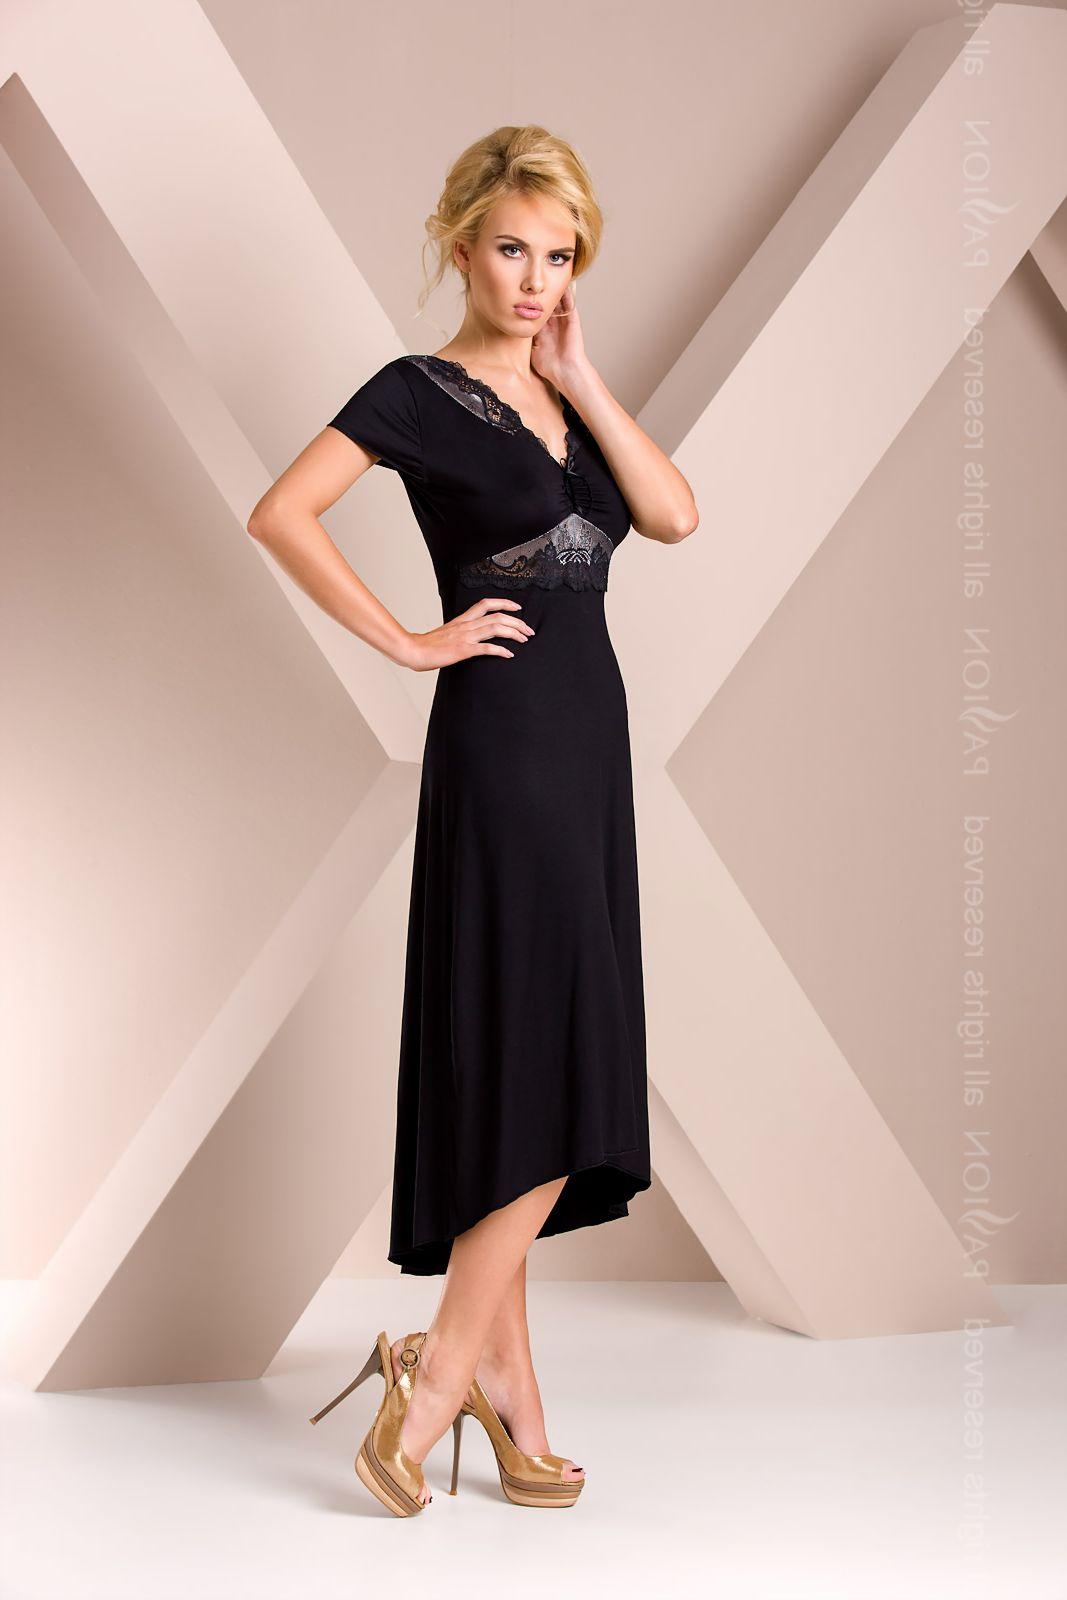 Купить Платье-сорочка Elite в Алматы, Казахстан.